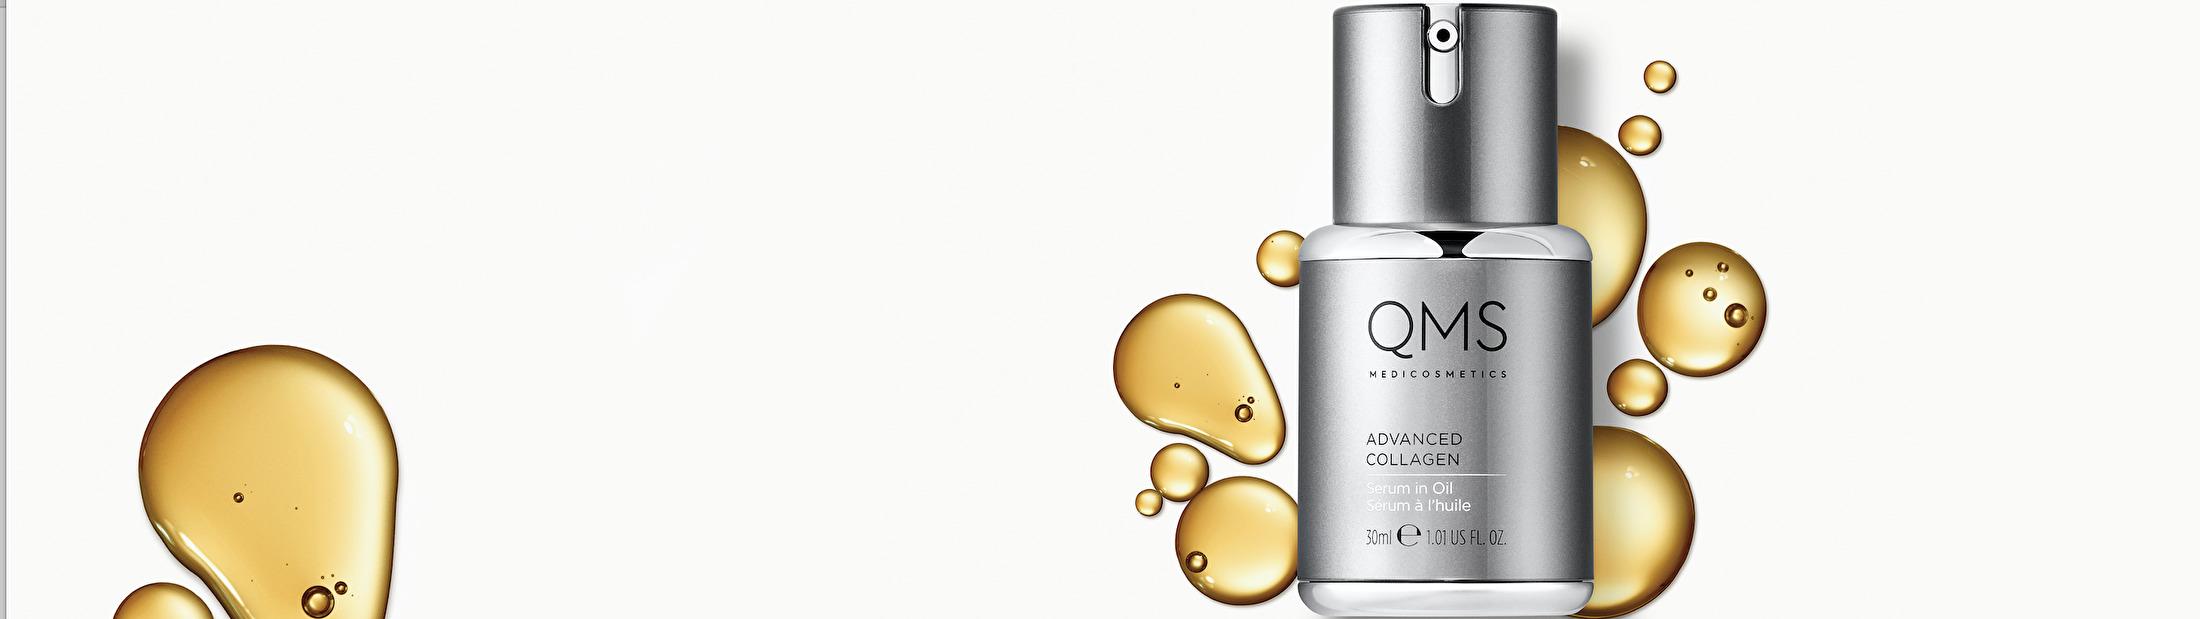 QMS Advanced Collagen in Oil